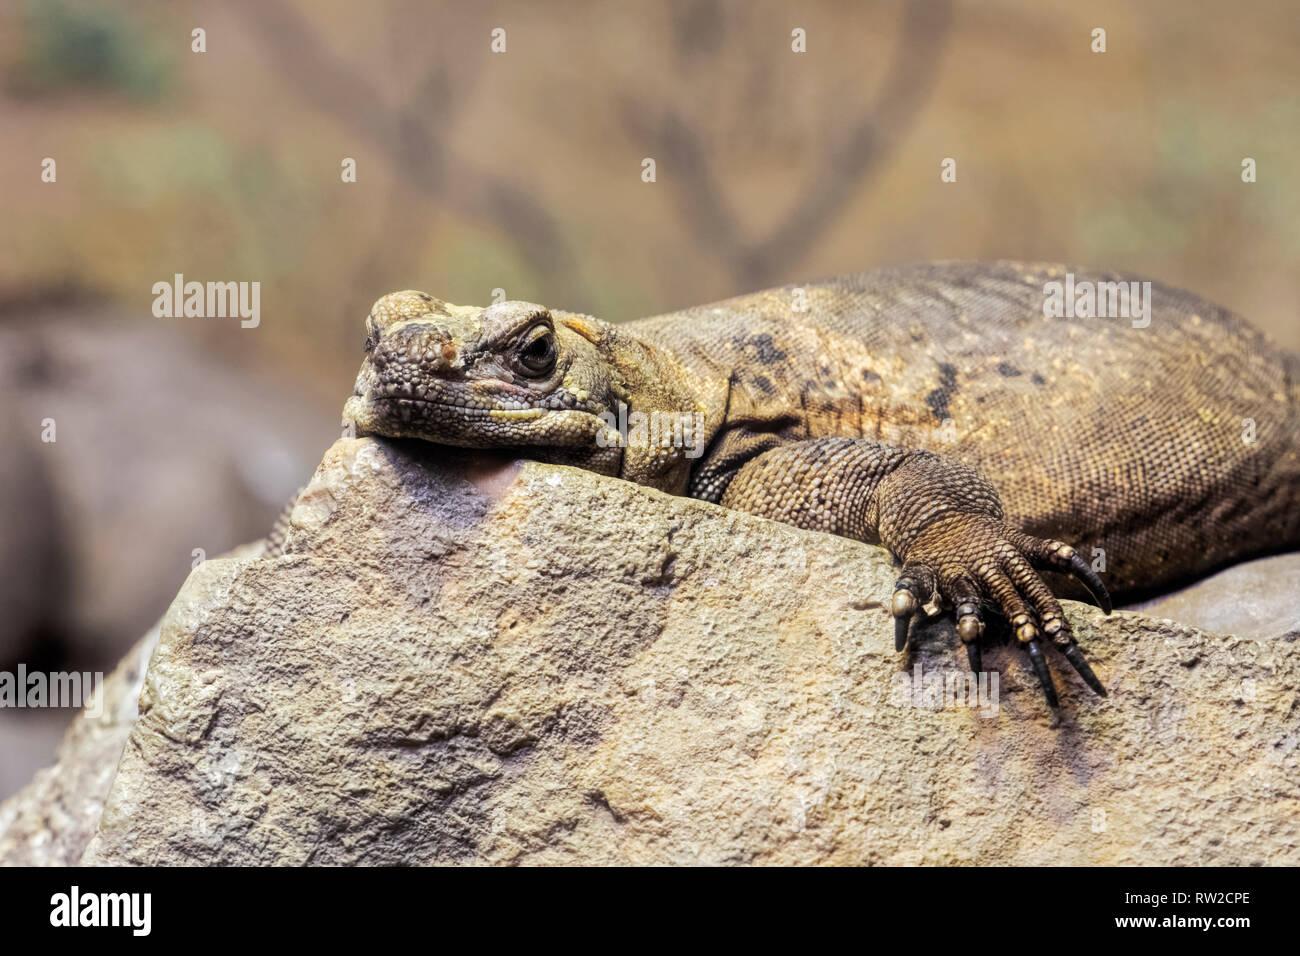 , Chuckwalla Sauromalus ater werden vor allem in ariden Regionen der Südwesten der USA und im nördlichen Mexiko gefunden Stockfoto